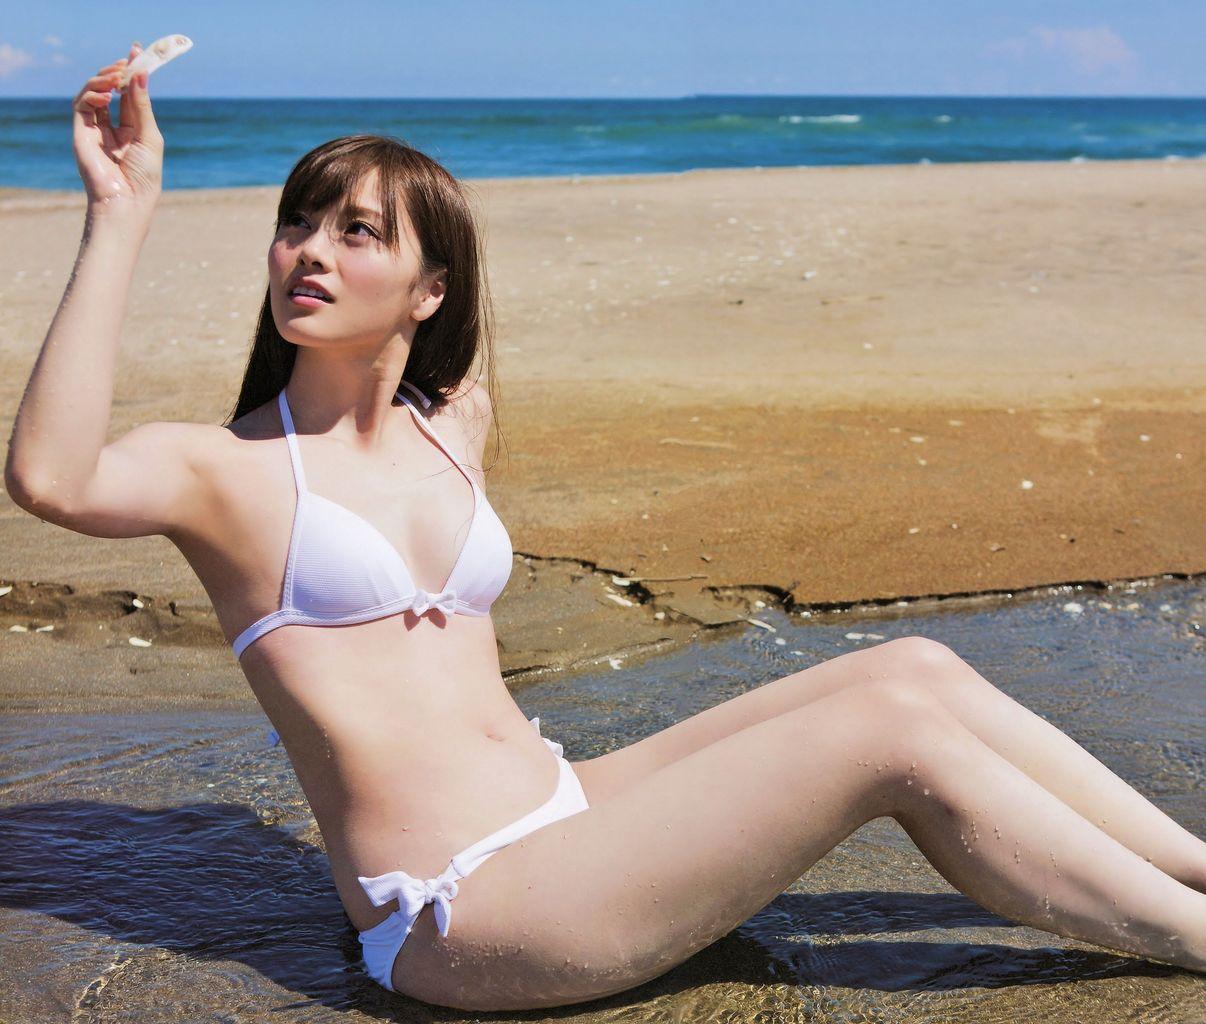 22 枚 目 シングル 乃木坂